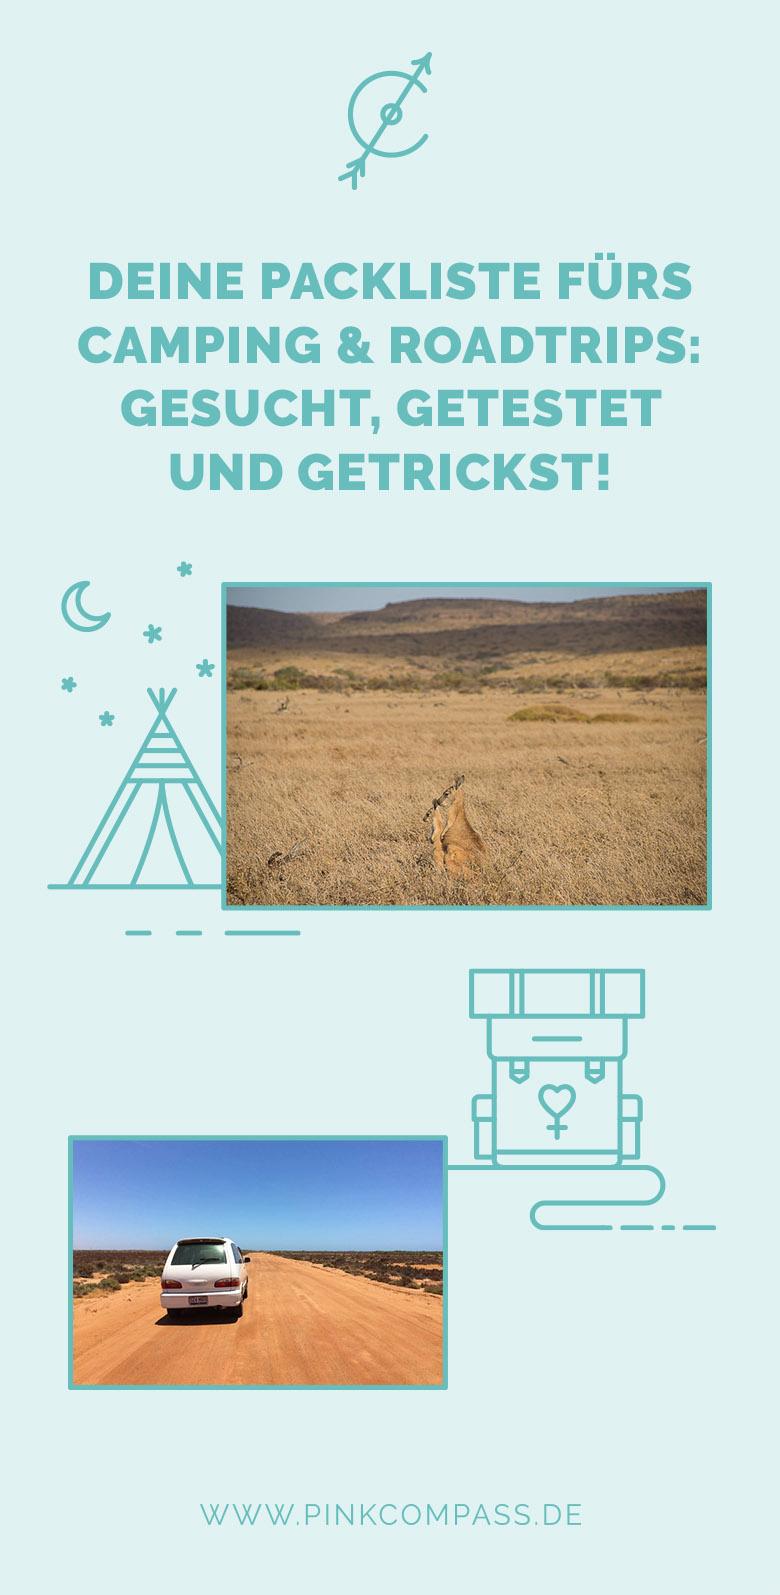 Camping und Roadtrips: Deine Packliste!